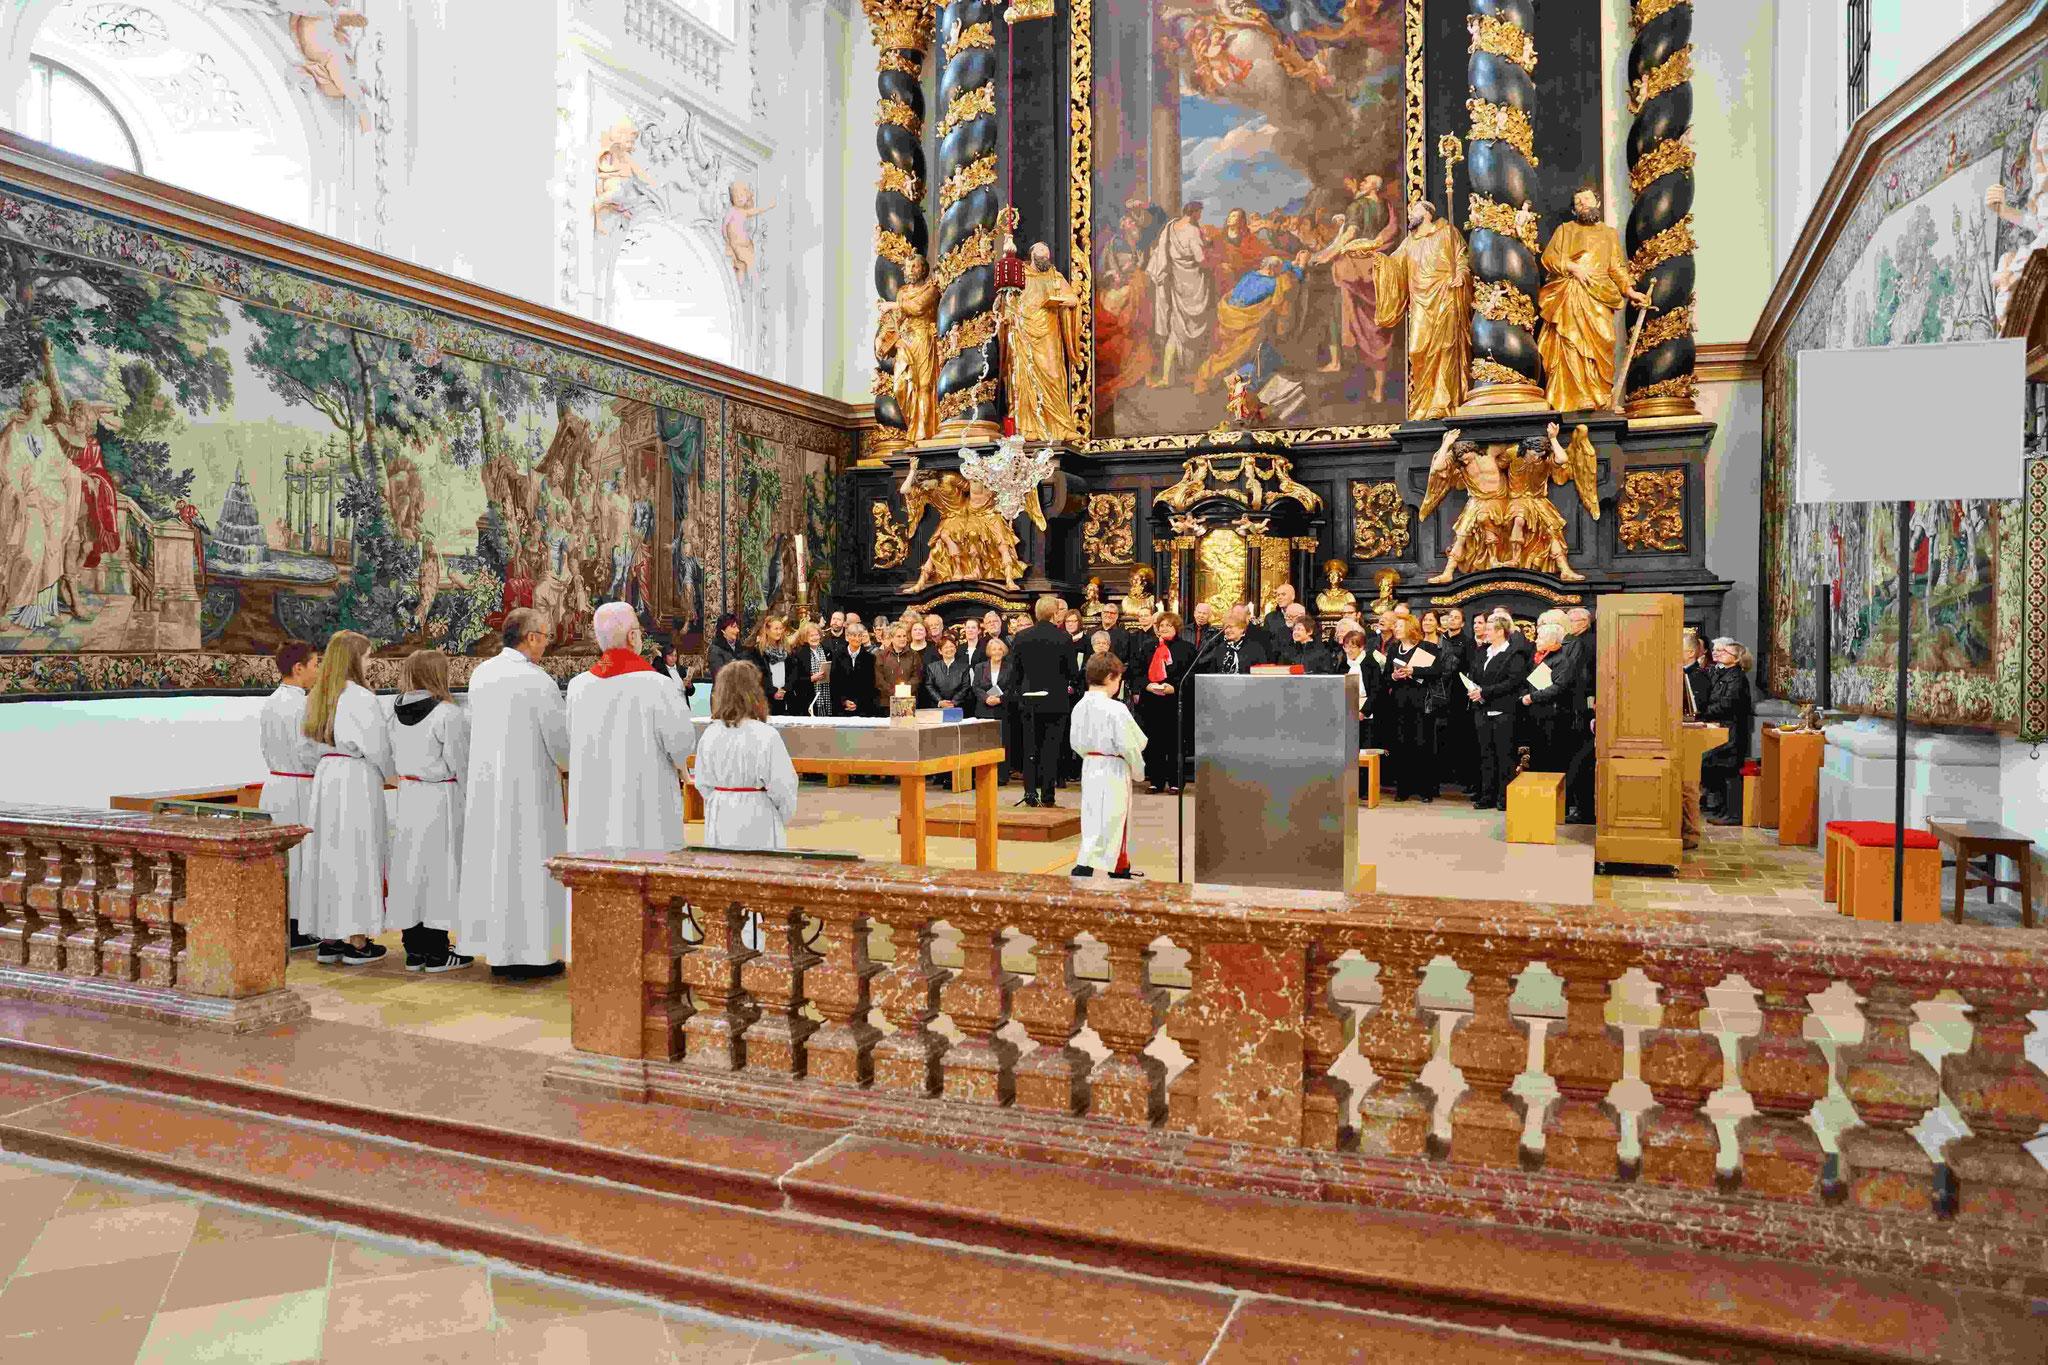 Musikalische Mitgestaltung des Festgottesdienstes durch den Konzertchor des LGV Nürnberg